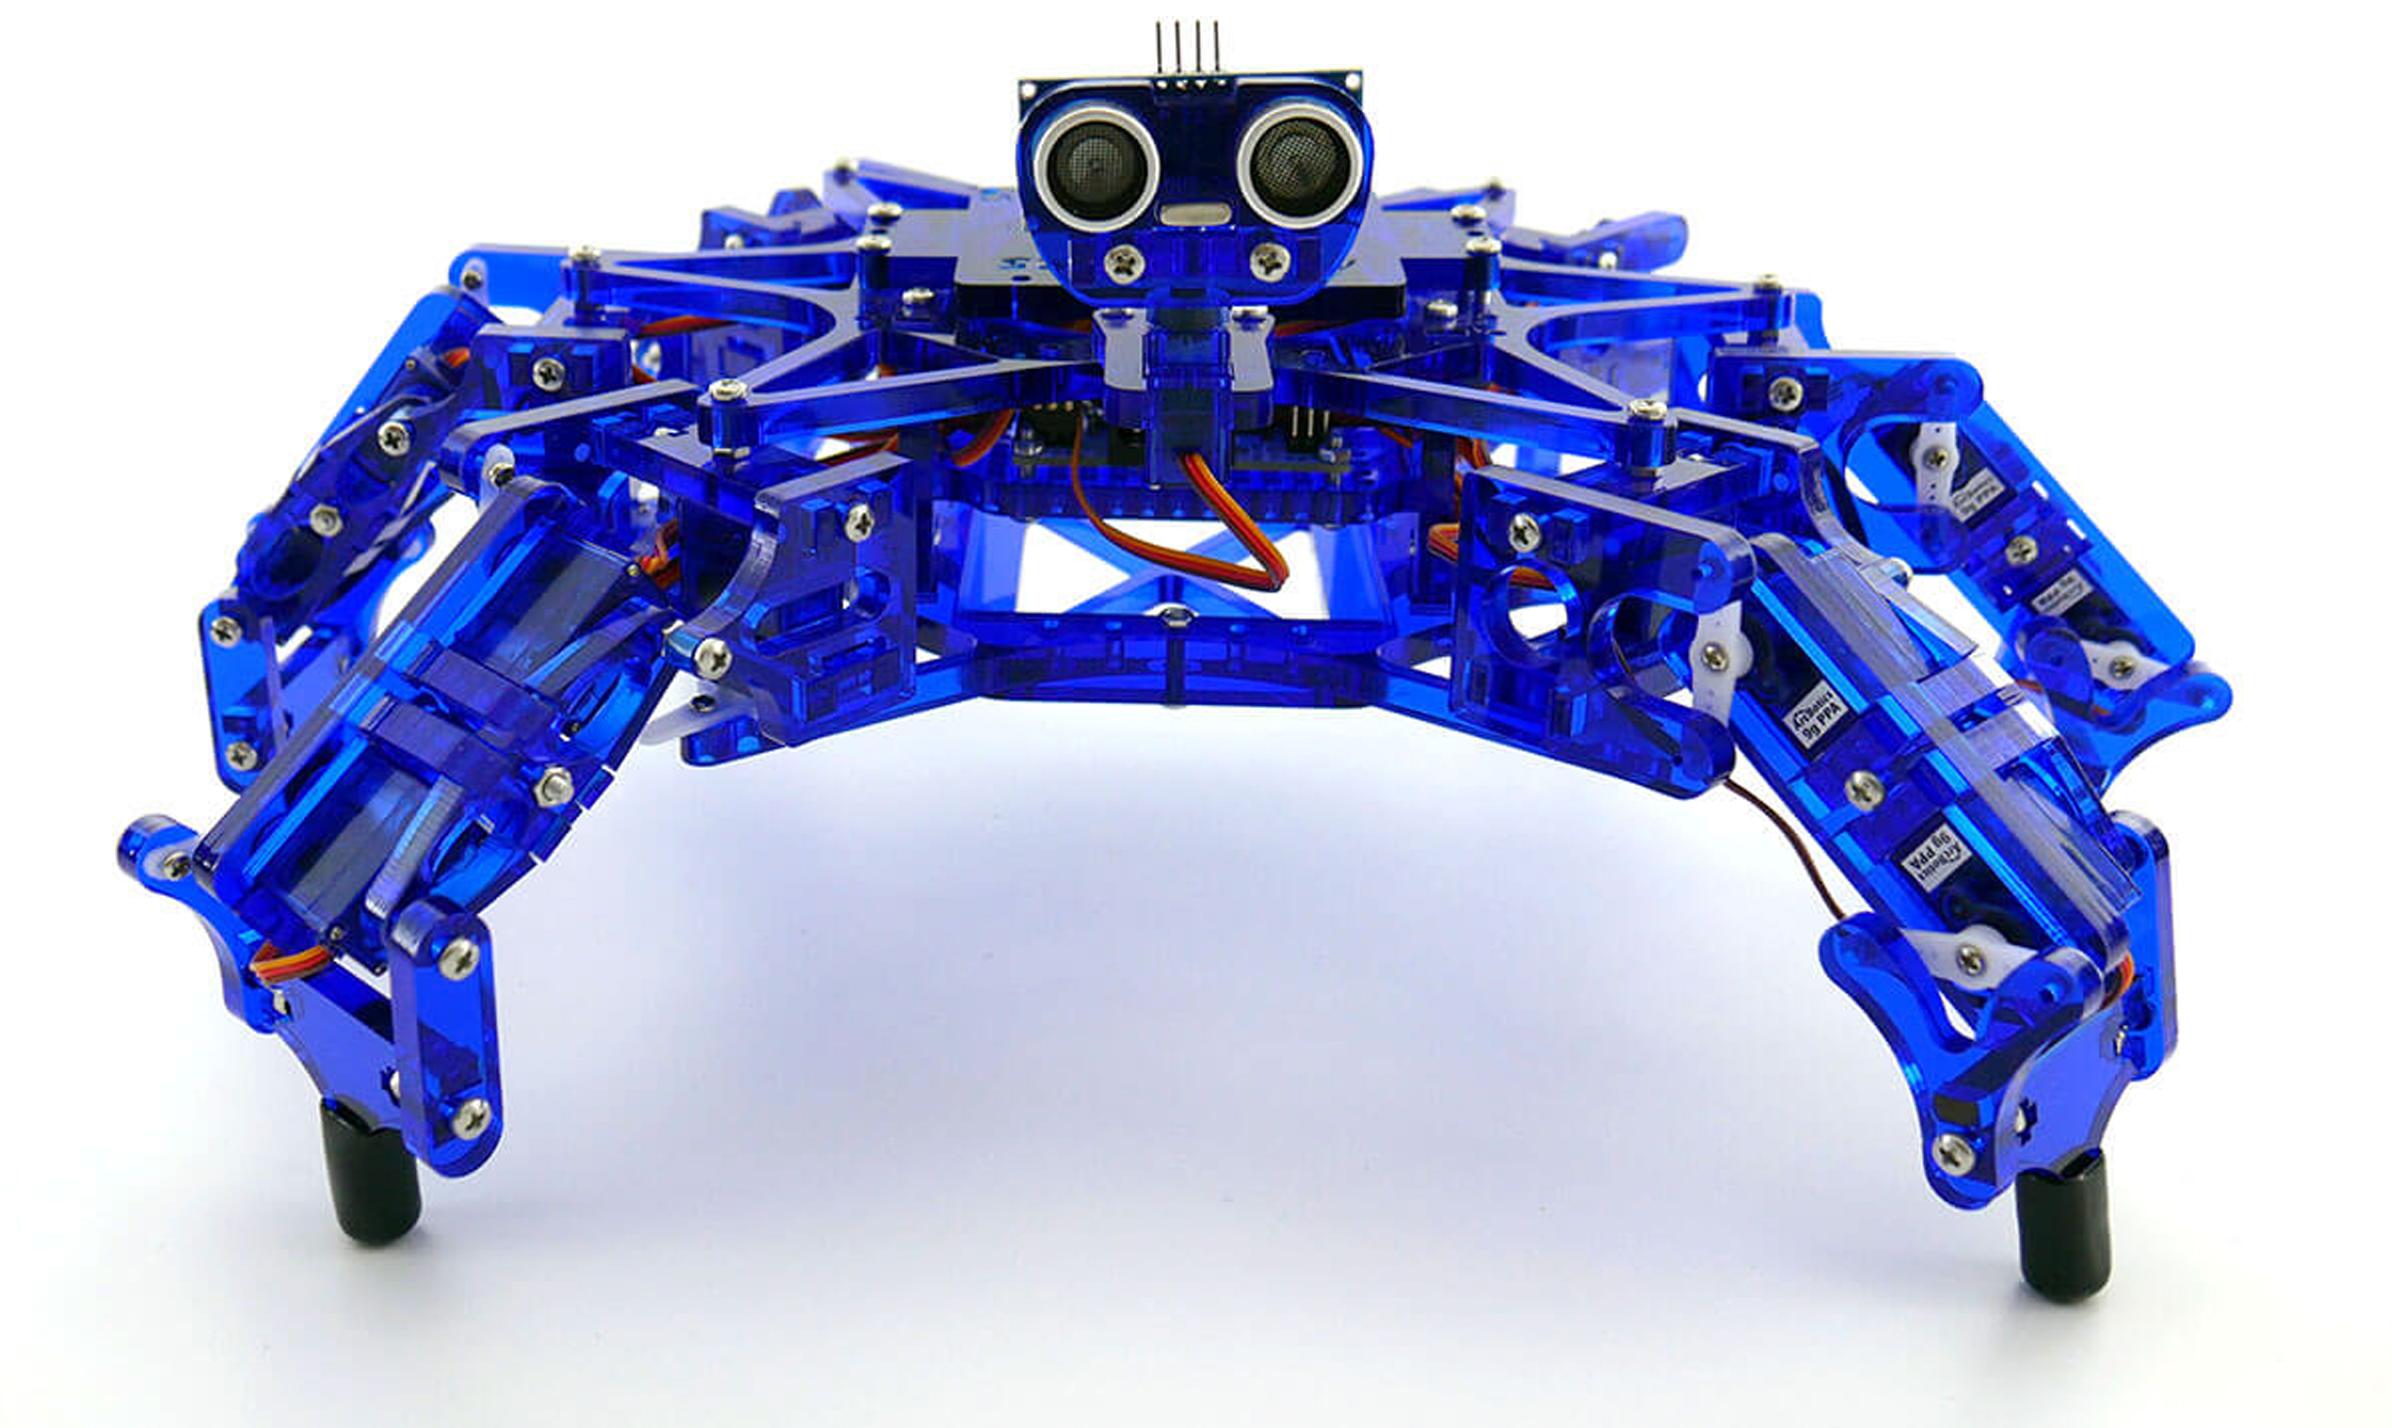 Robot. Foto: Jaynish Chaudhary. Lizenz: CC-BY-SA-4.0